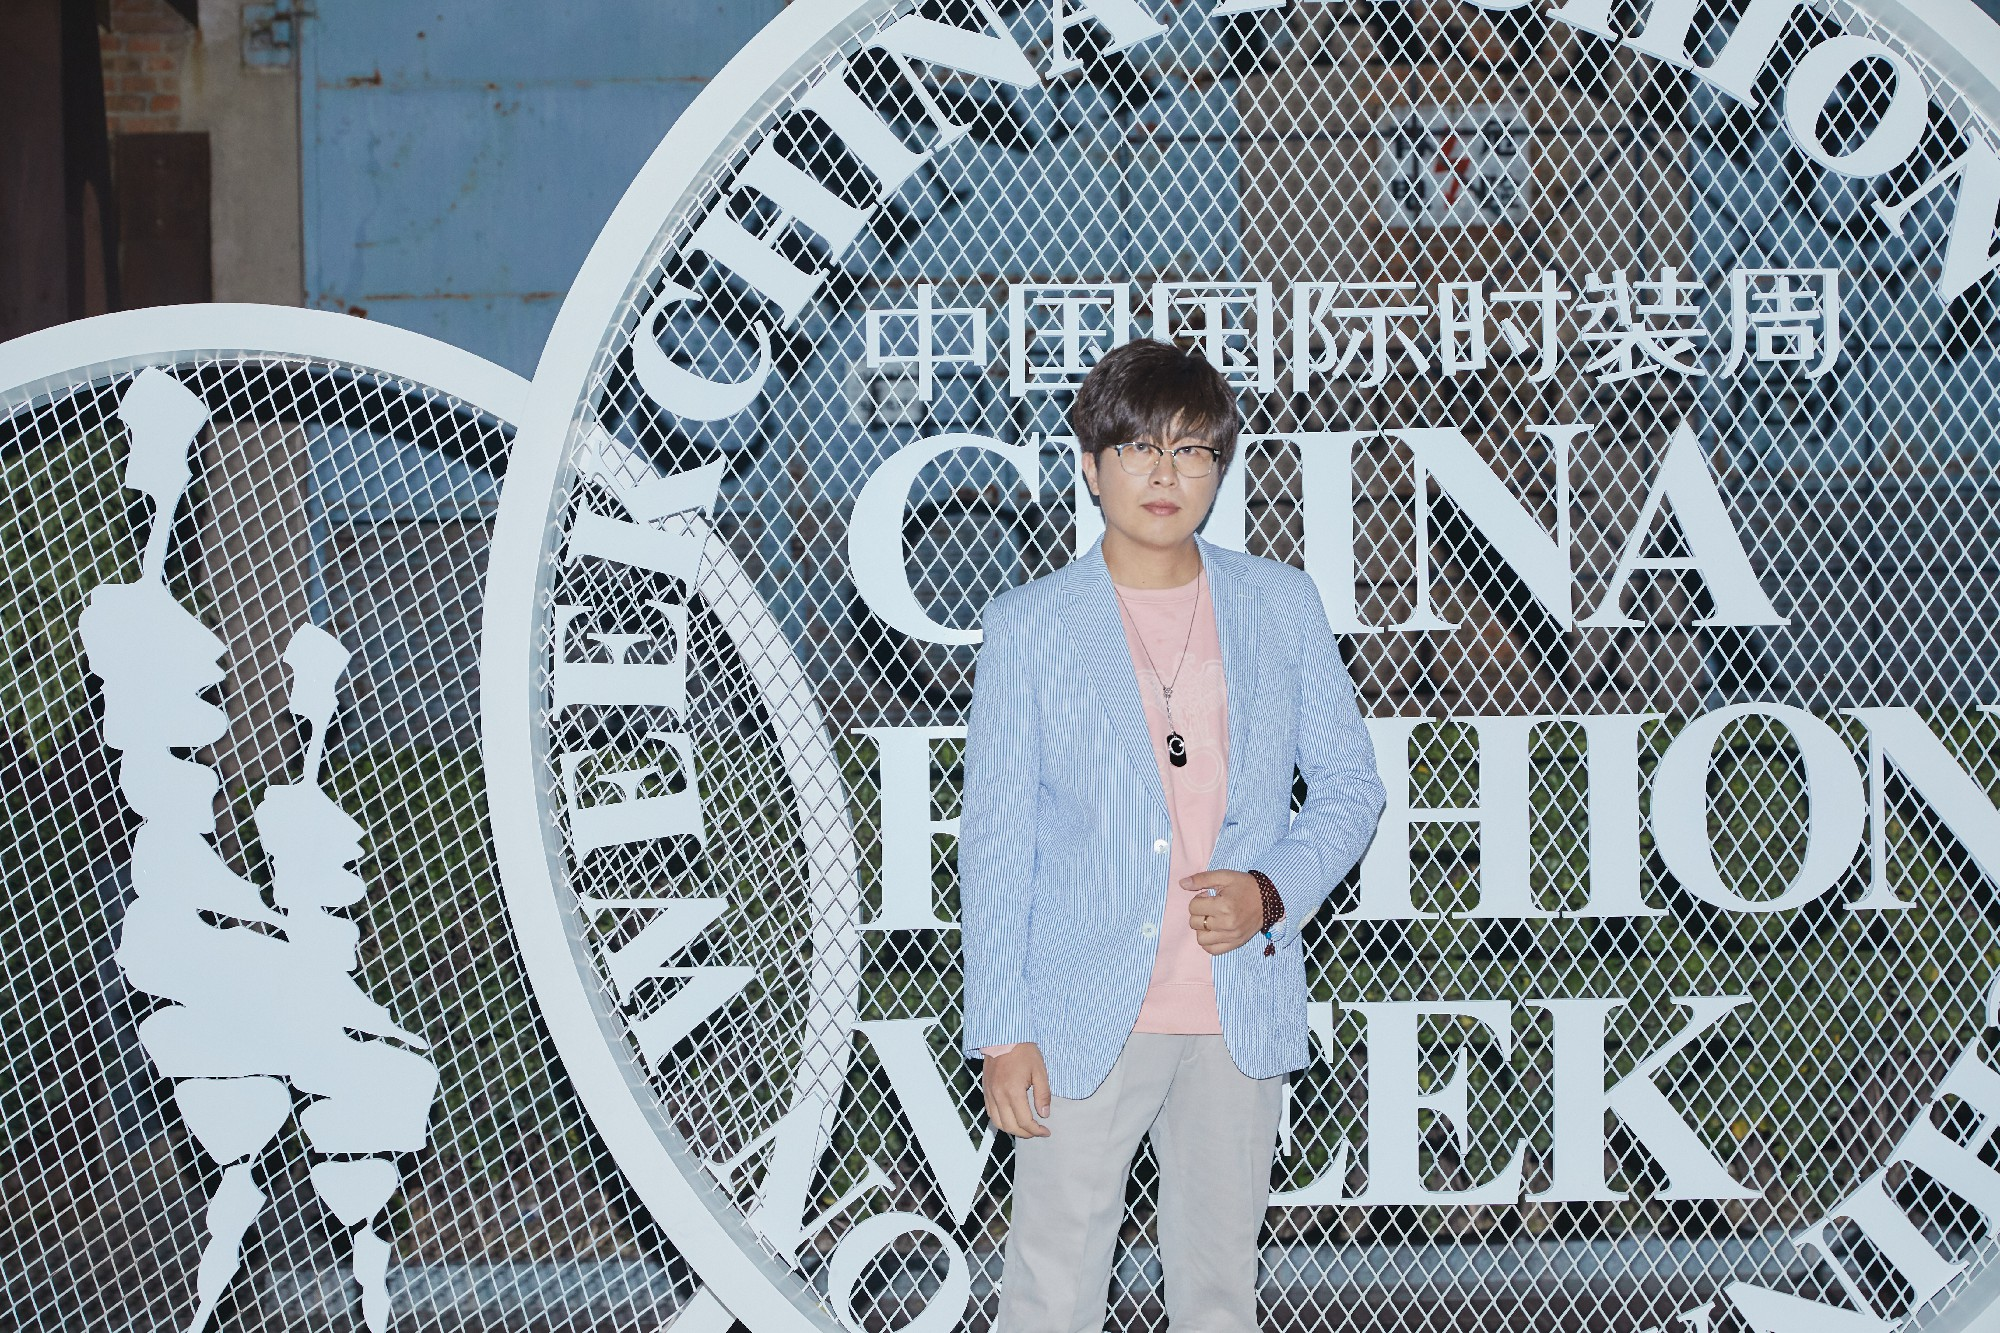 李凯受邀出席中国国际时装周 简约穿搭 完美吸晴